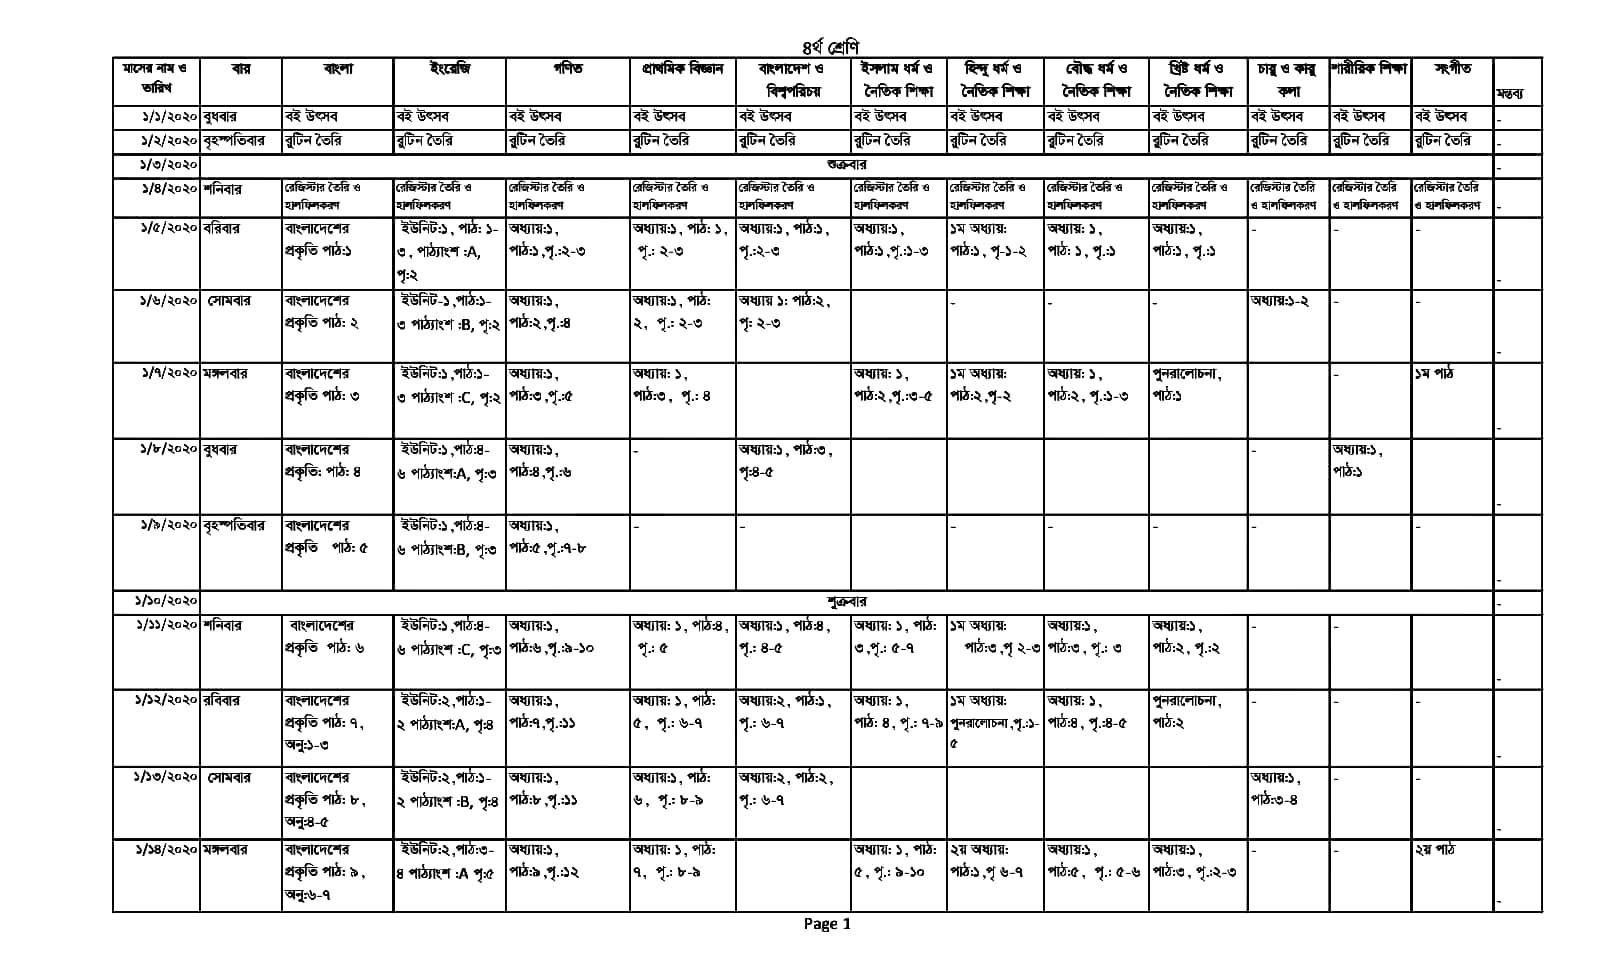 ৪র্থ শ্রেণির বার্ষিক পাঠ পরিকল্পনা ২০২০ | বার্ষিক পাঠ পরিকল্পনা ২০২০ nctb | বার্ষিক পাঠ পরিকল্পনা ২০২০ pdf